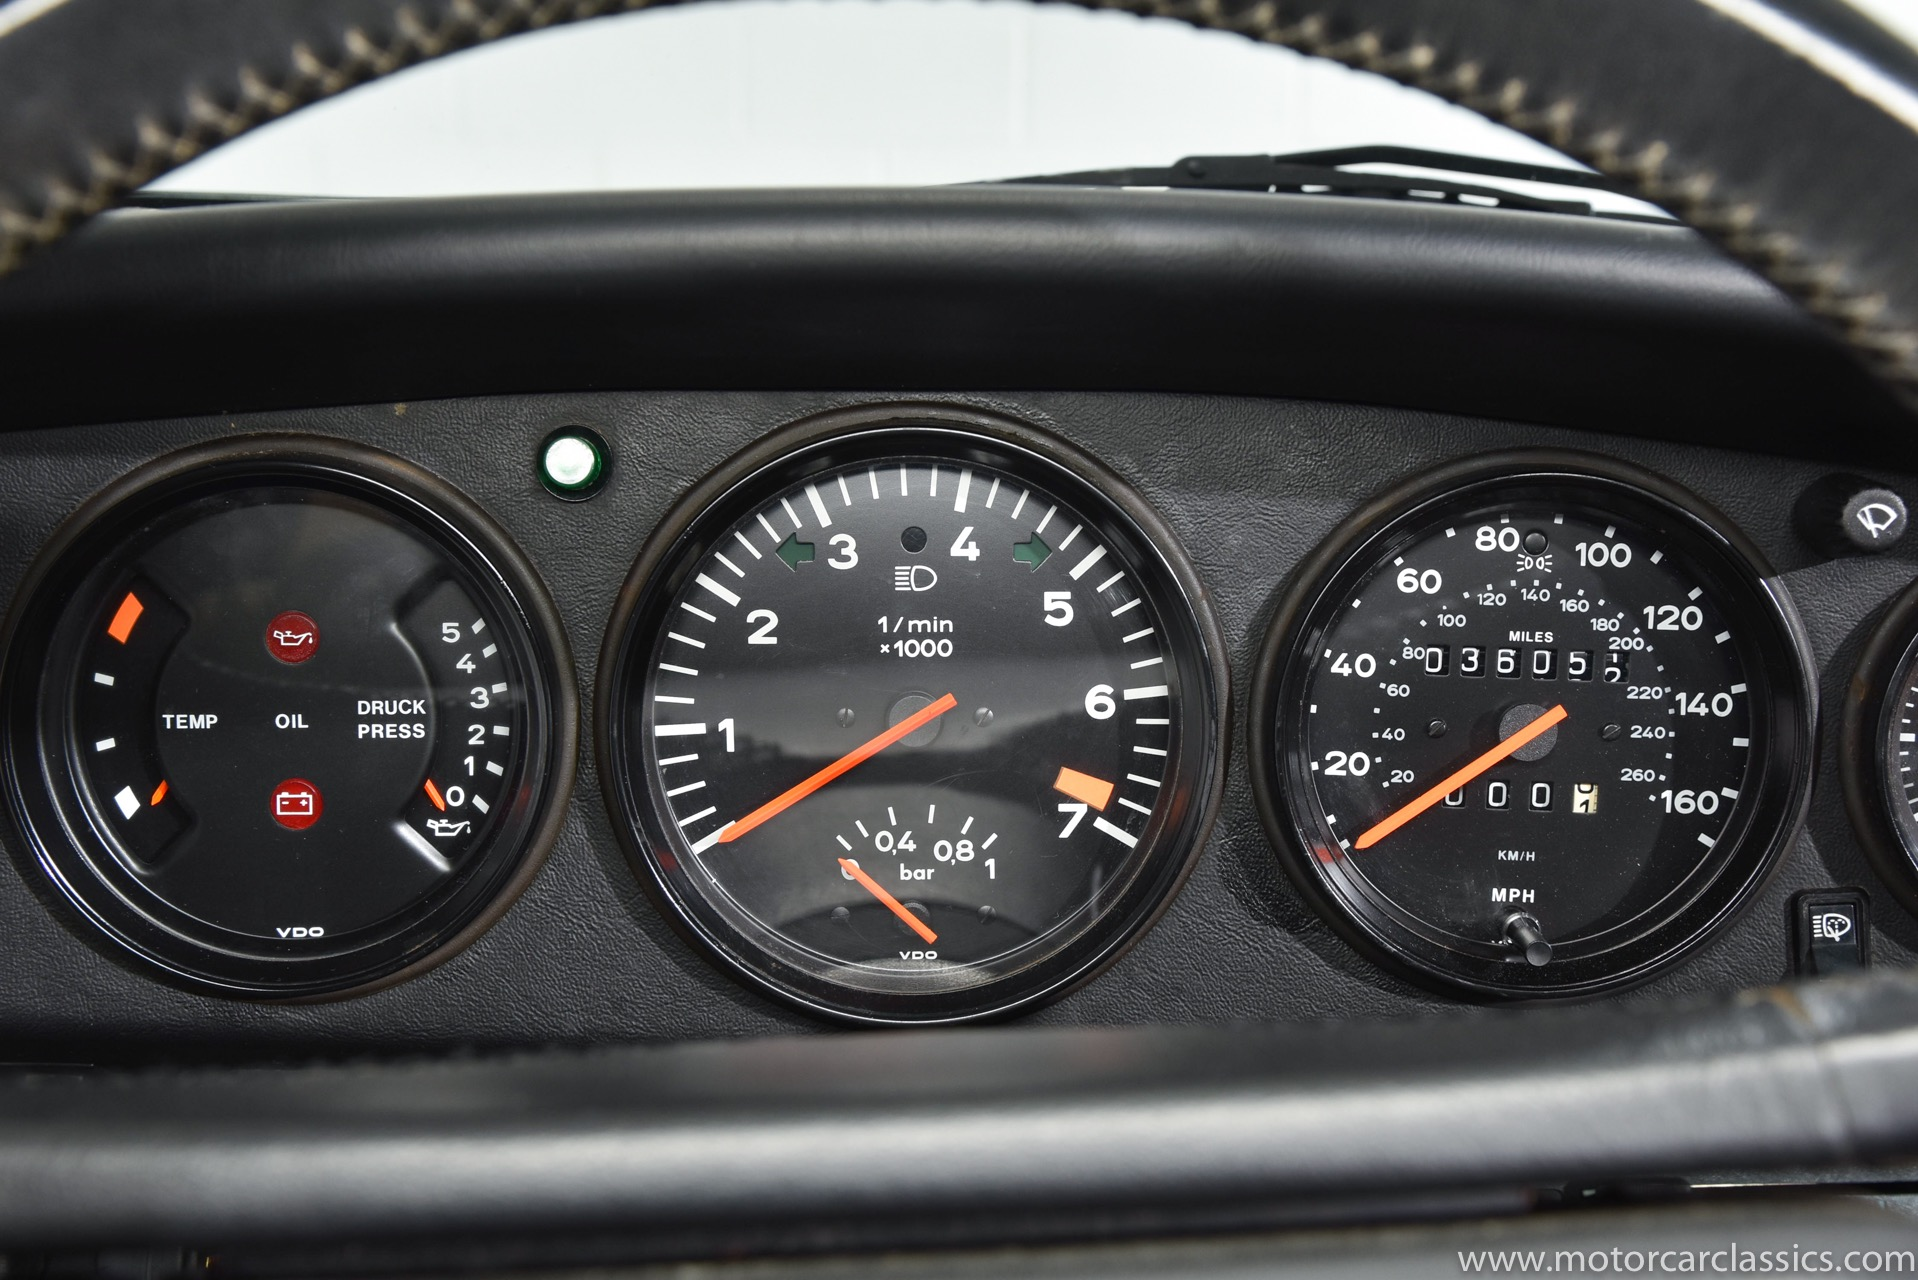 1989 Porsche 911 Carrera Turbo